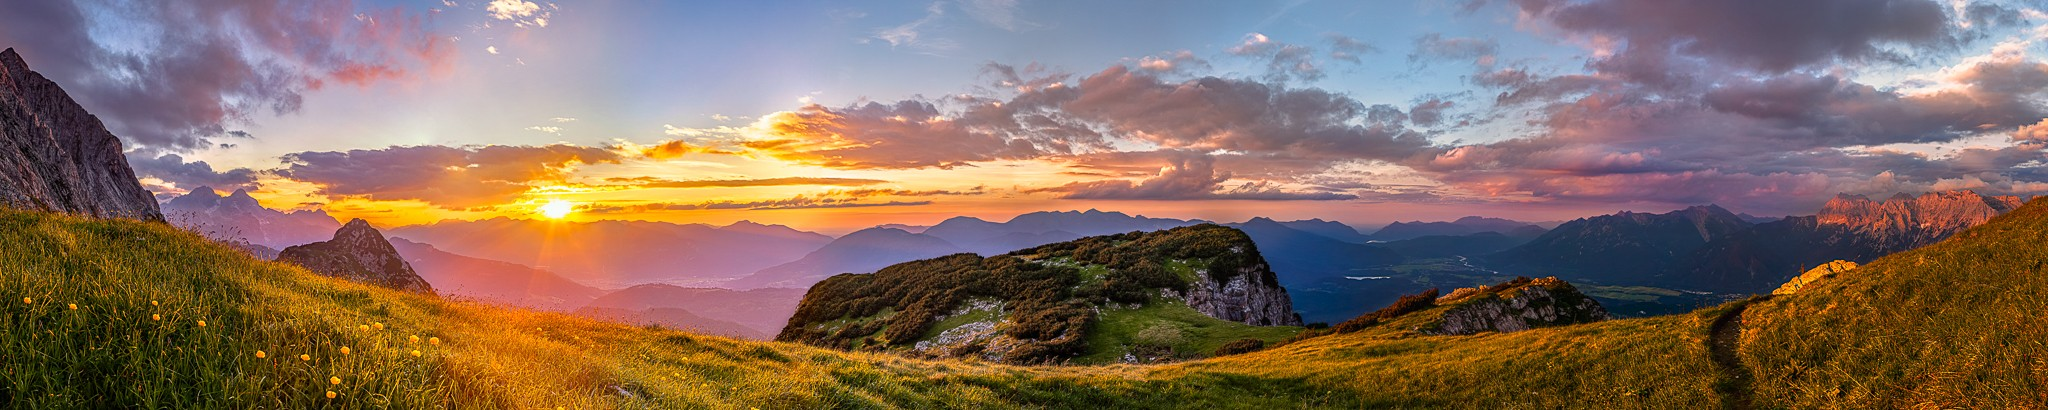 Bei Sonnenuntergang am Gamsanger unterhalb der oberen Wettersteinspitze angekommen werden die Wolken über dem Werdenfelser Land vom Abendrot erleuchtet. Blick auf Garmisch -Partenkirchen mit Berglandschaft.